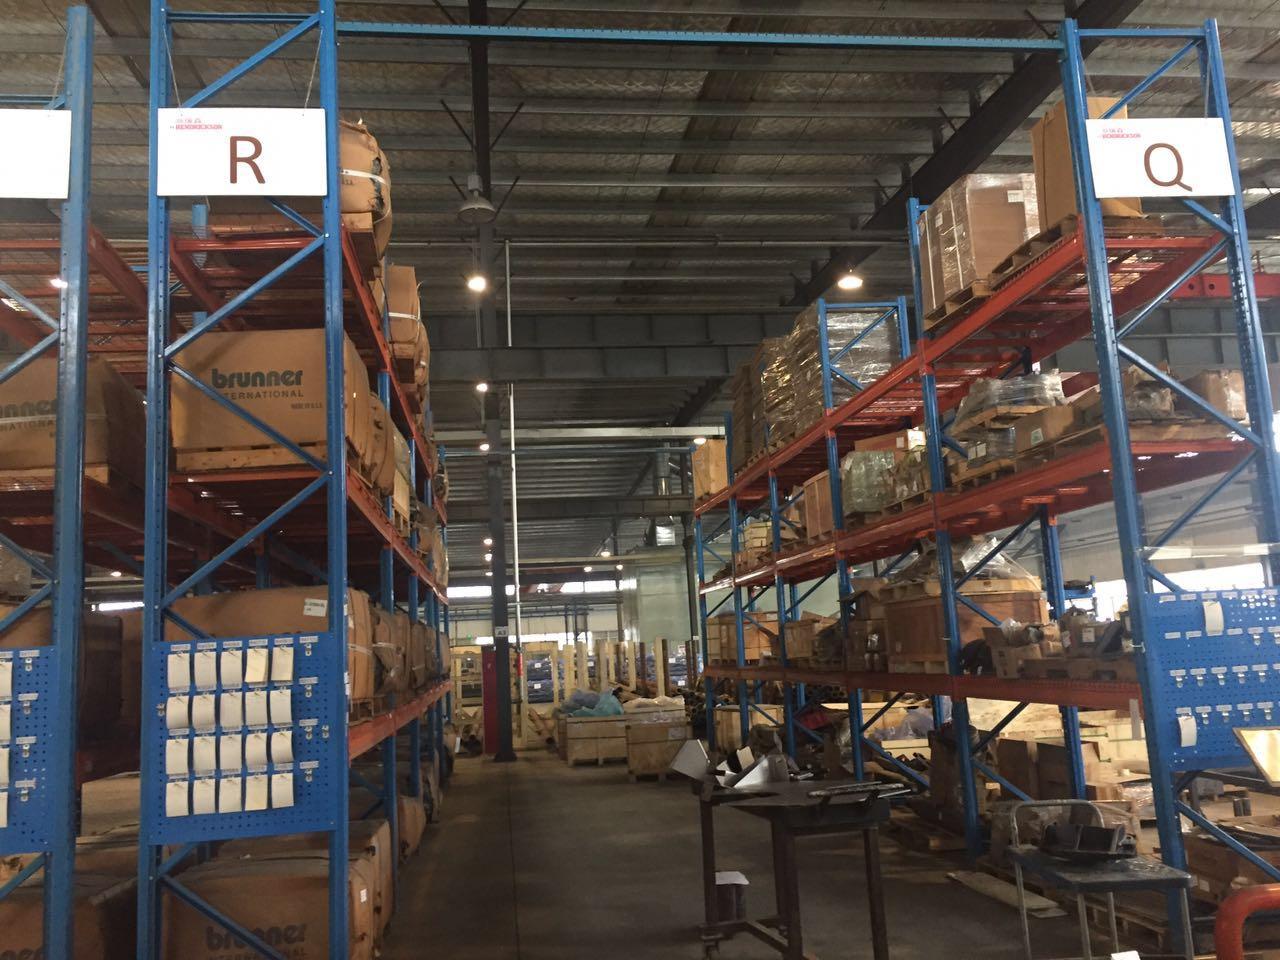 1.托盘货架货物可100%自由 拣选托盘货架货位利用率高达95%,且货物可实现100%拣选,让仓库美观整洁。